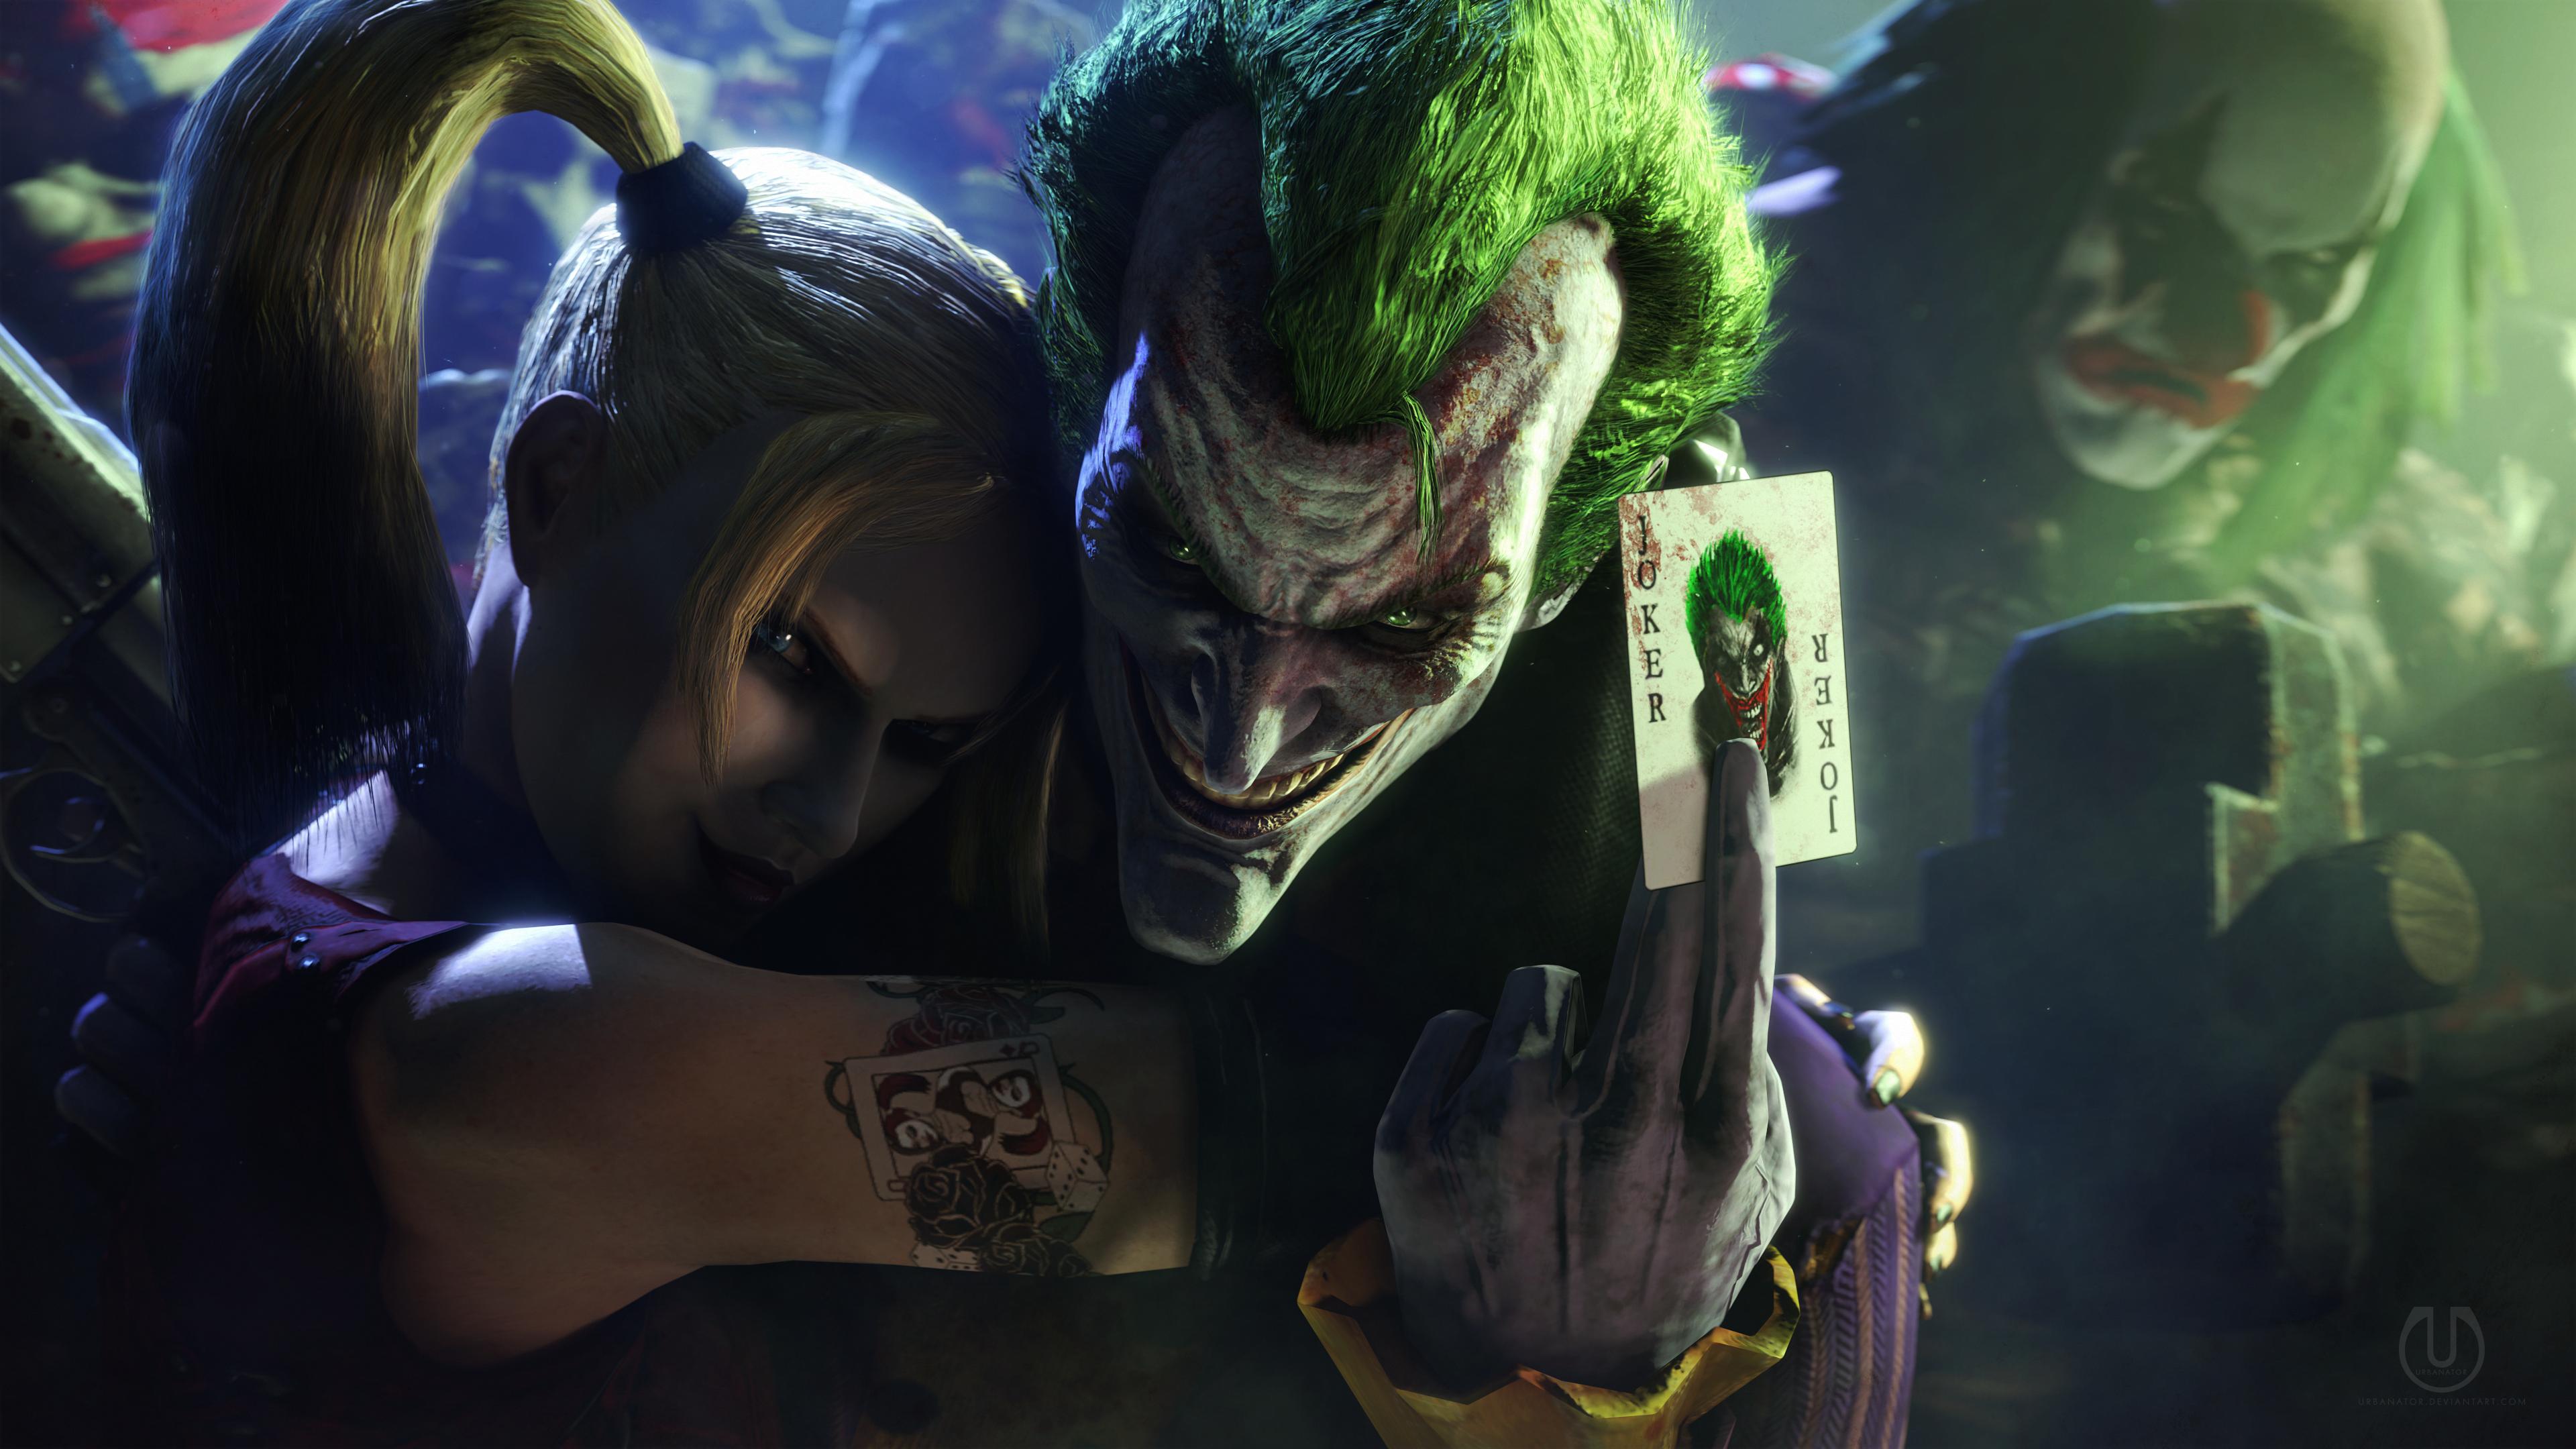 Wallpaper Joker Harley Quinn Clowns Batman Arkham City Video